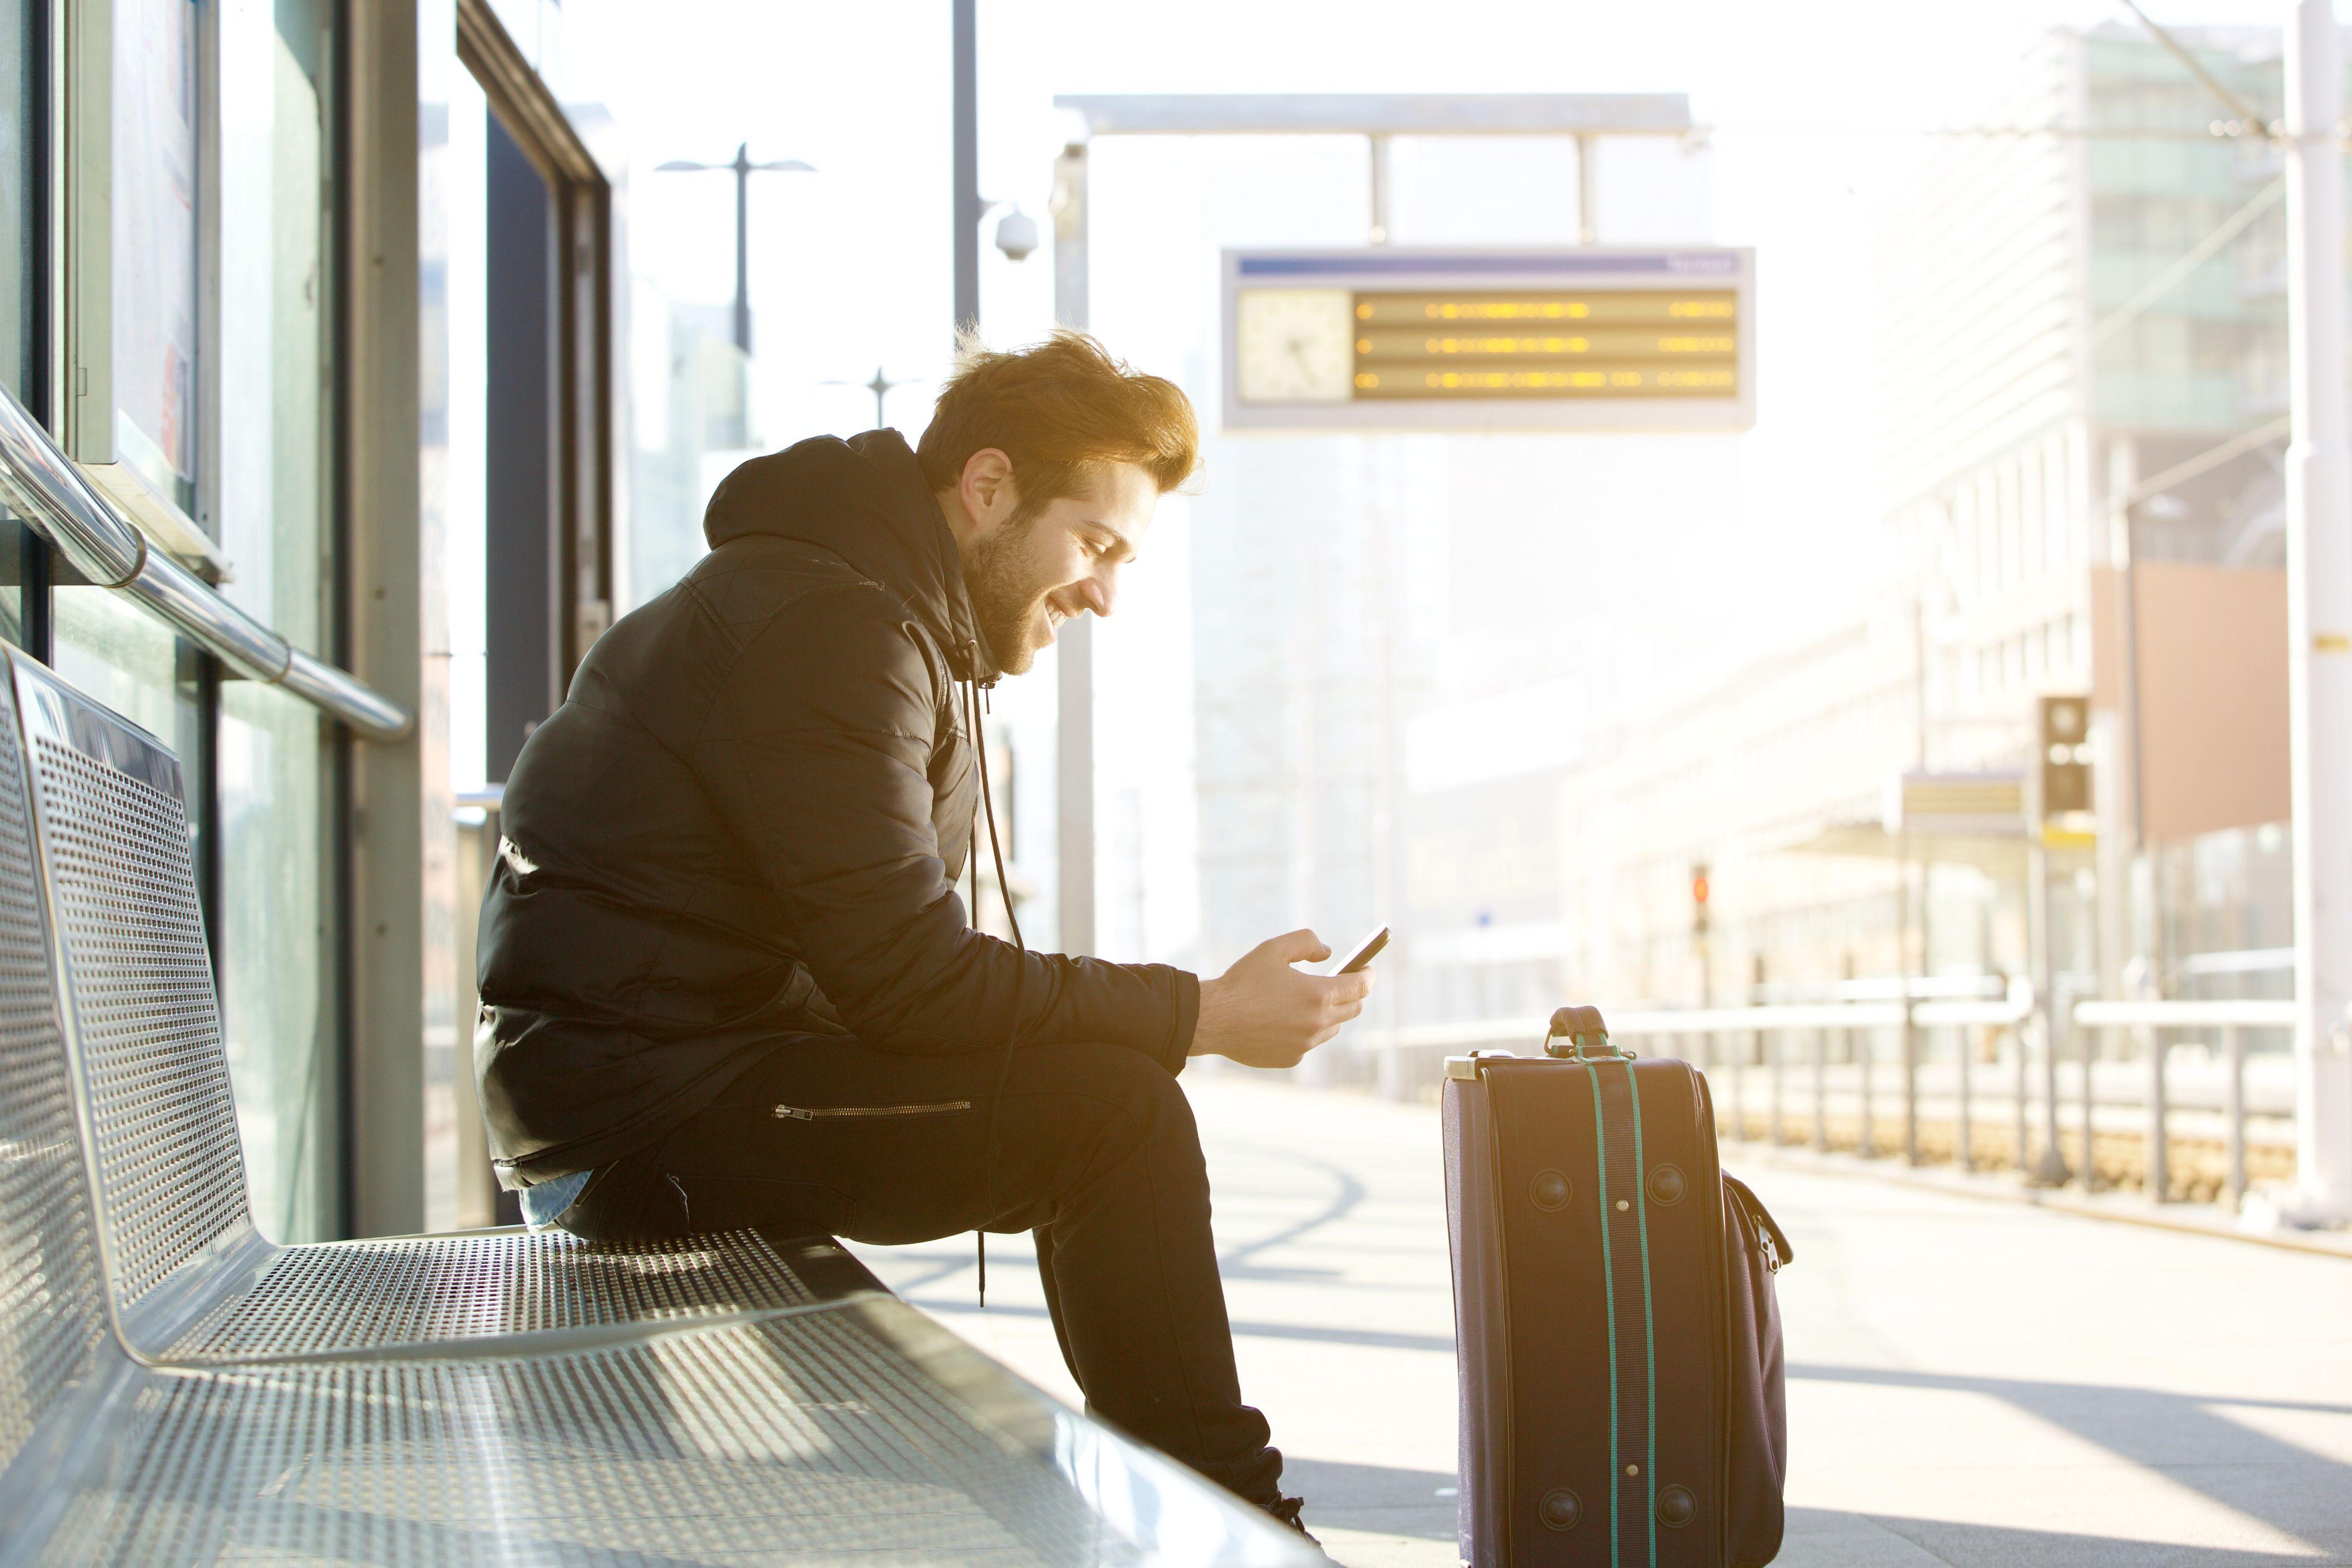 Rekordowo wysoka liczba wakatów oraz niezwykle niskie bezrobocie powoduje napływ pracowników do Czech. (Fot. Shutterstock)